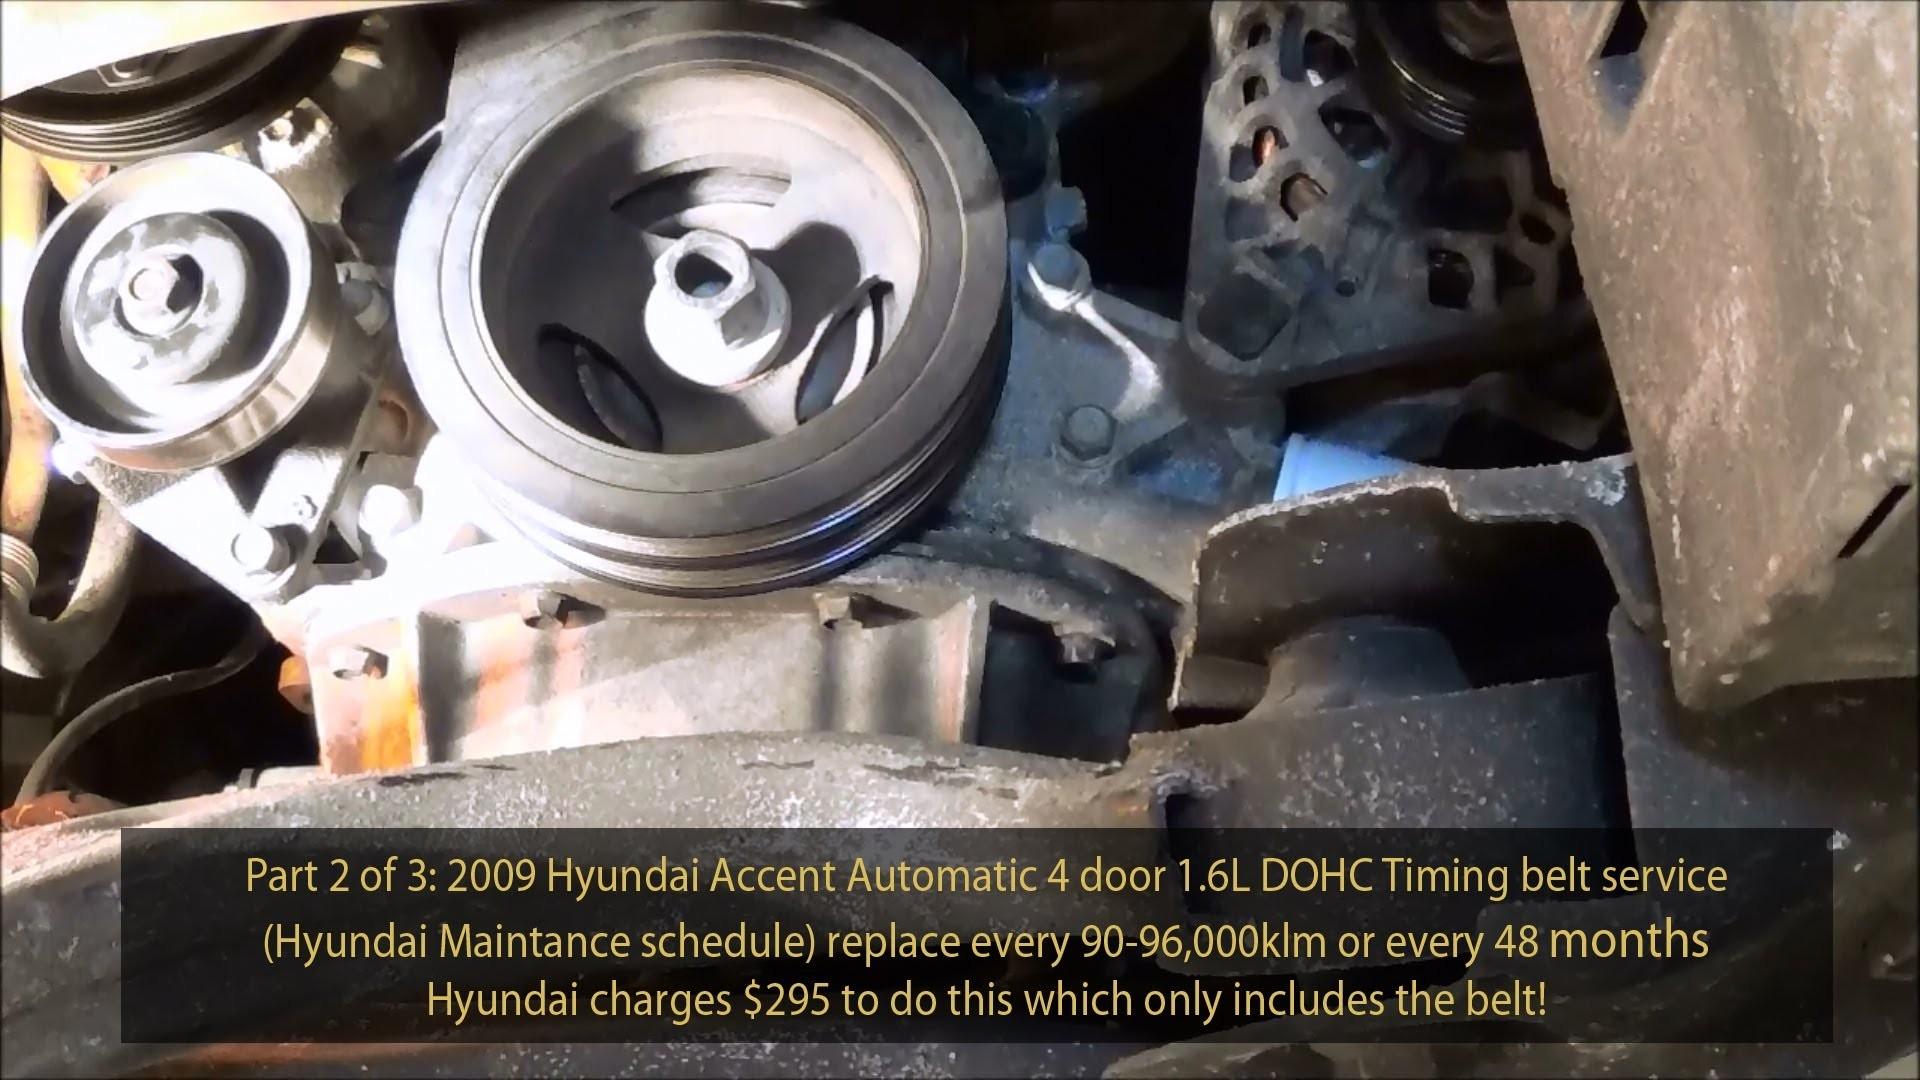 hyundai accent ecu wiring diagram stellaluna venn 2009 engine my